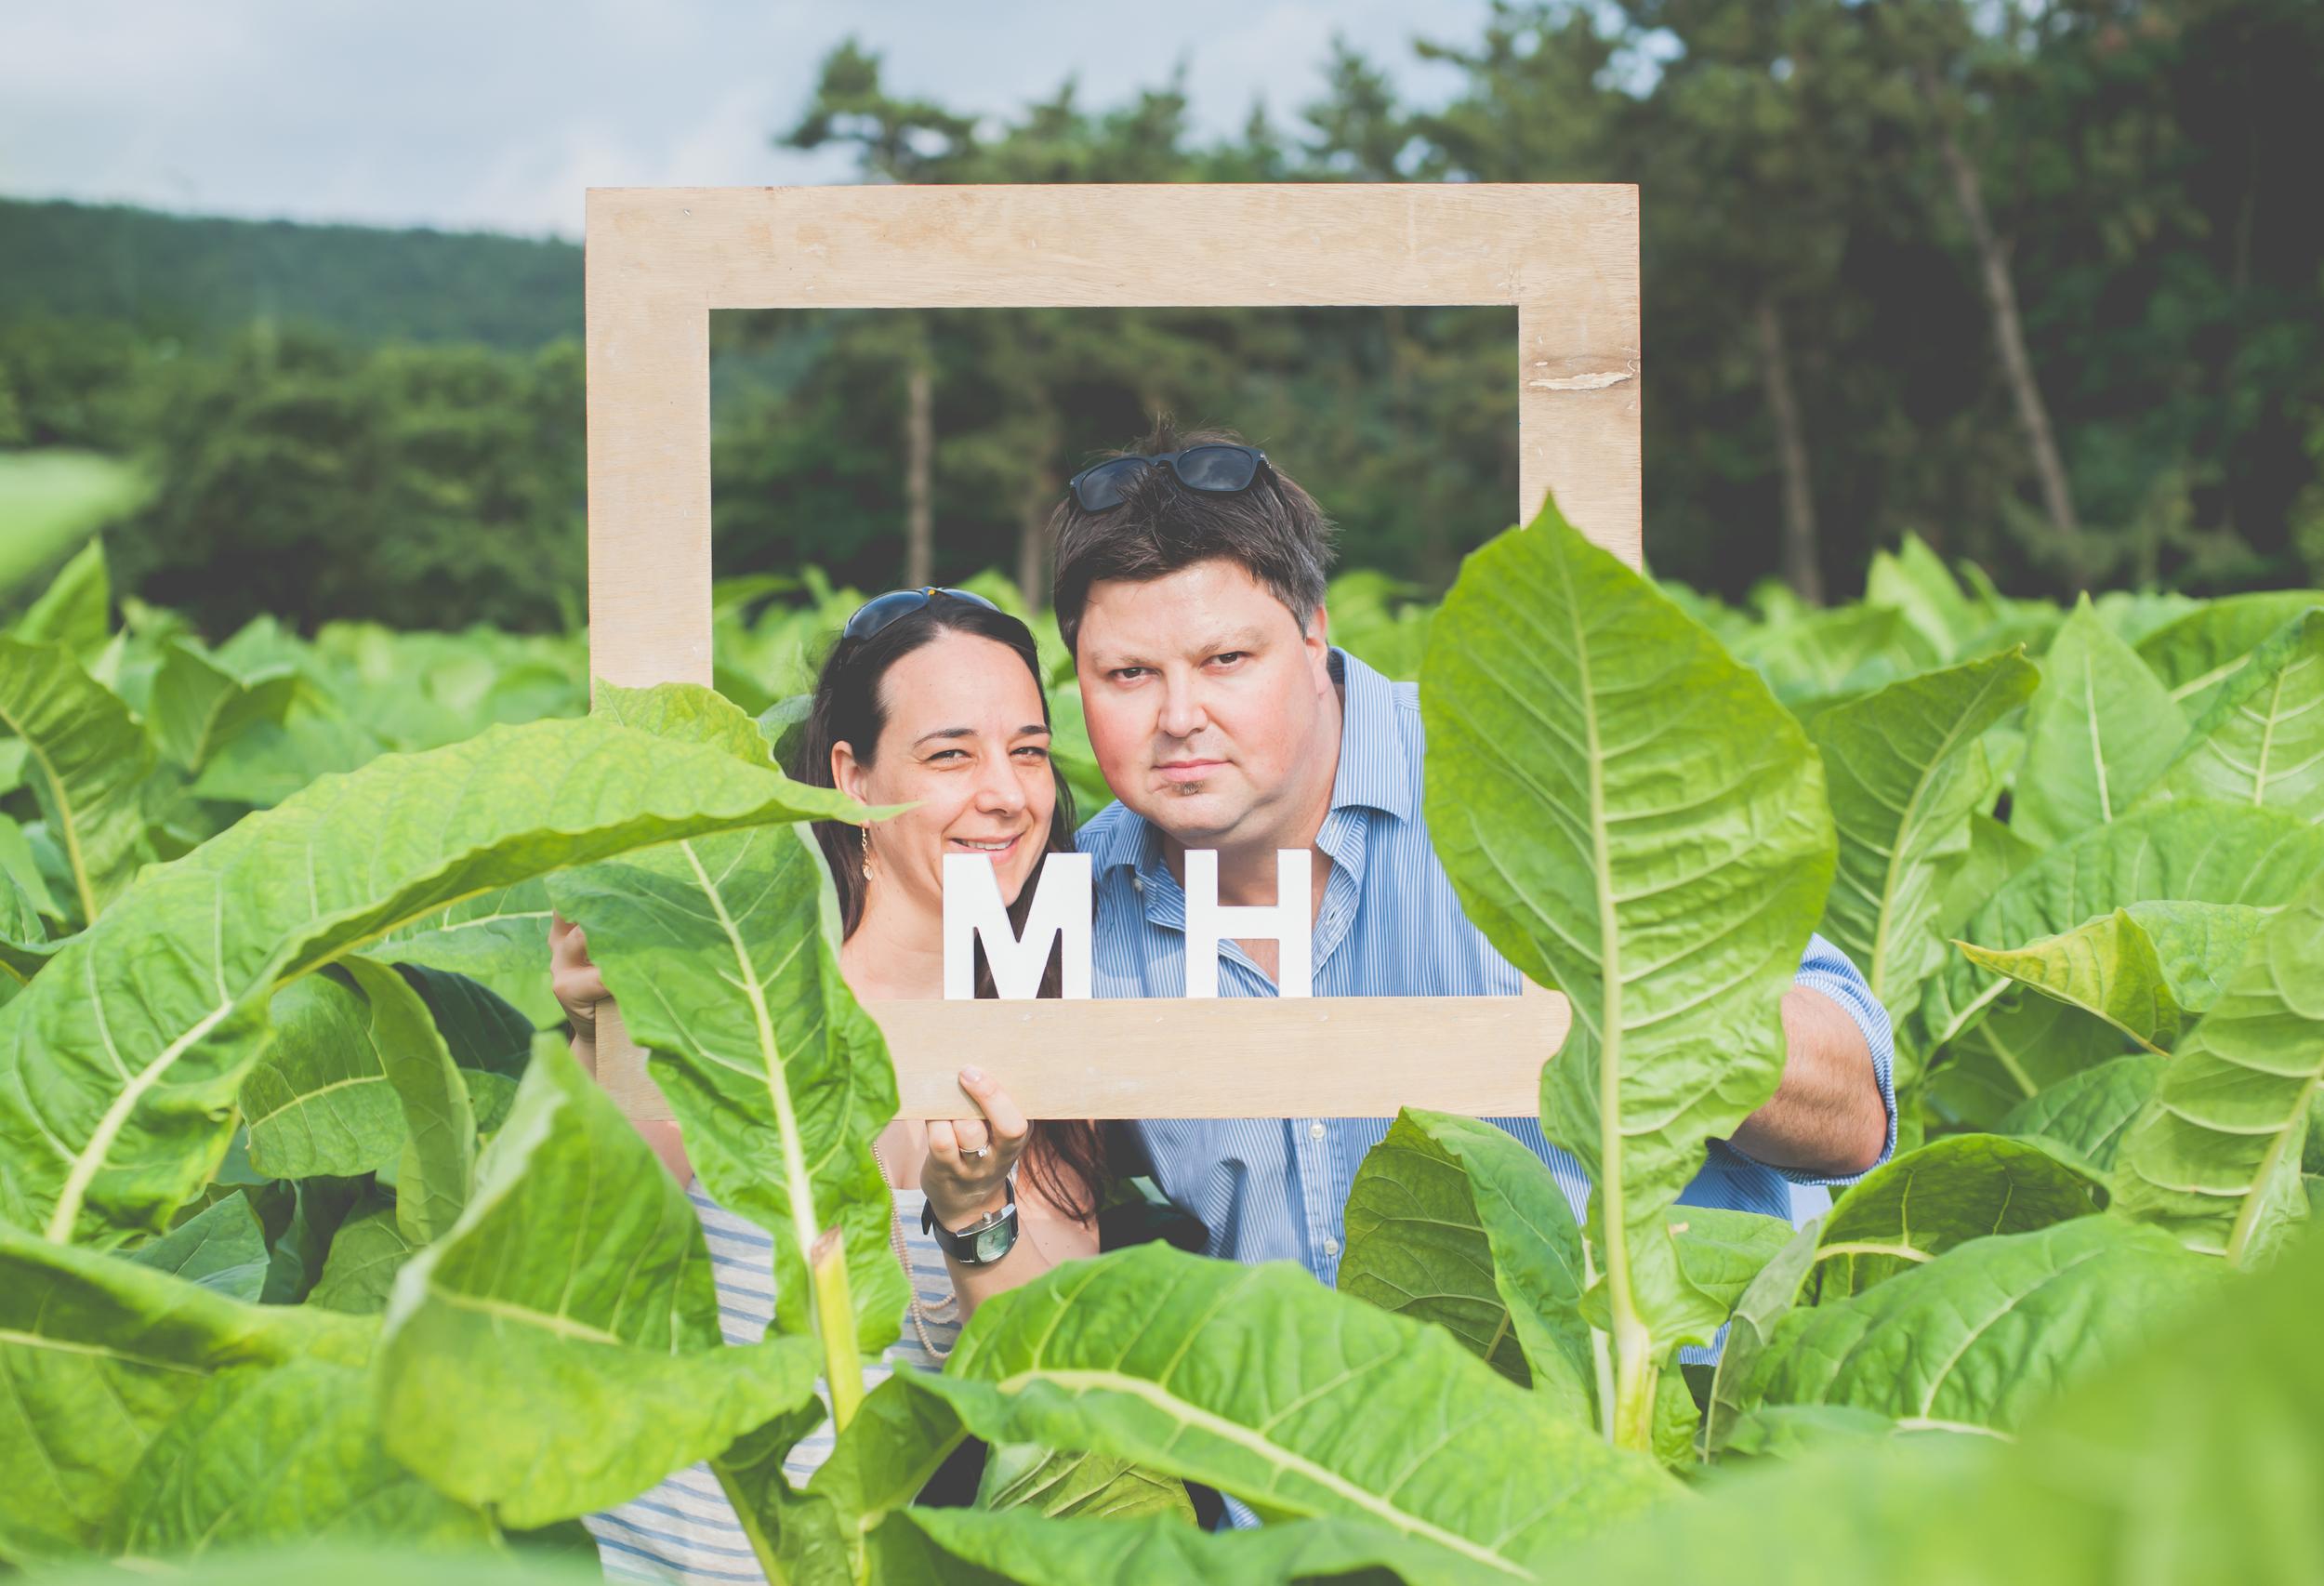 SouthKoreaEngagementPhotographerHencoMarilize (53 of 93).jpg